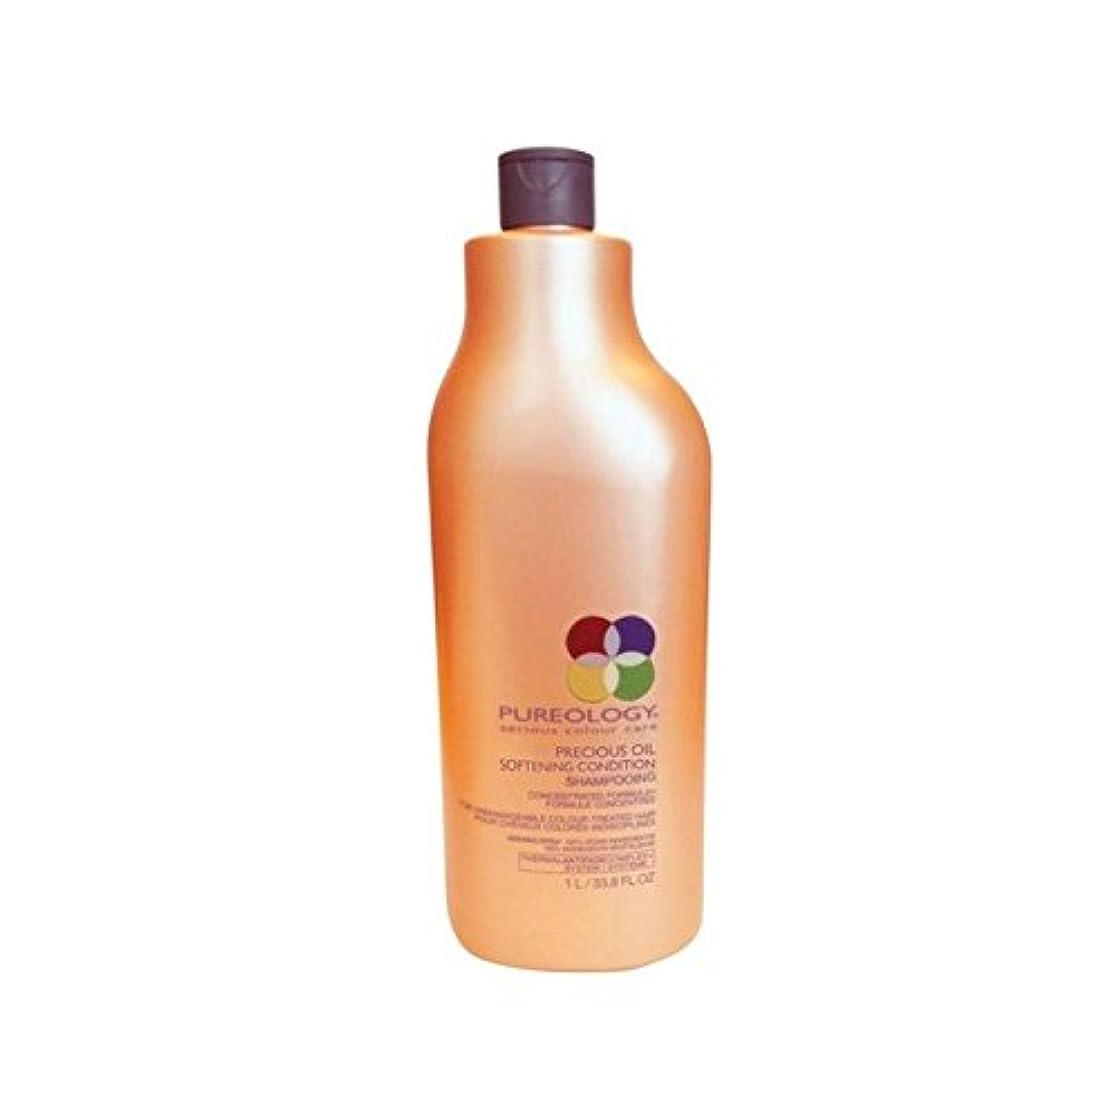 モルヒネホールドオールアリーナPureology Precious Oil Conditioner (1000ml) - 貴重なオイルコンディショナー(千ミリリットル) [並行輸入品]